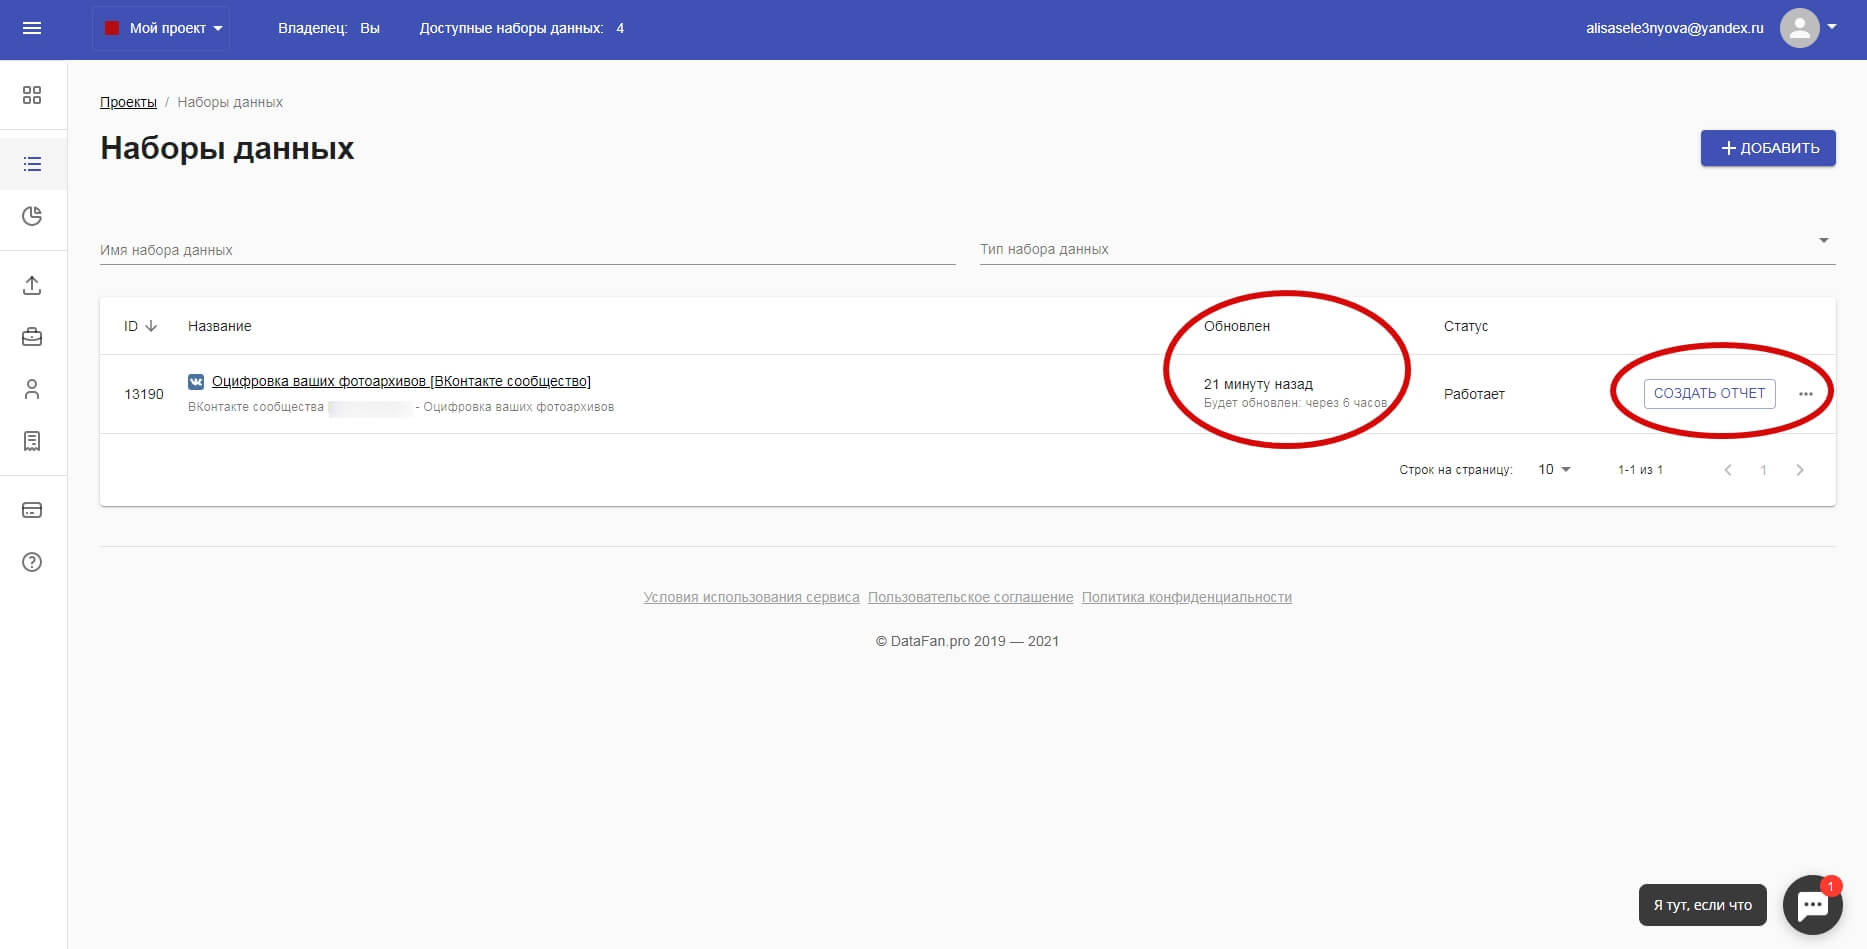 Я создала набор данных для сообщества ВКонтакте. Сразу могу создать отчет и вижу, что он будет обновляться каждые 6 часов